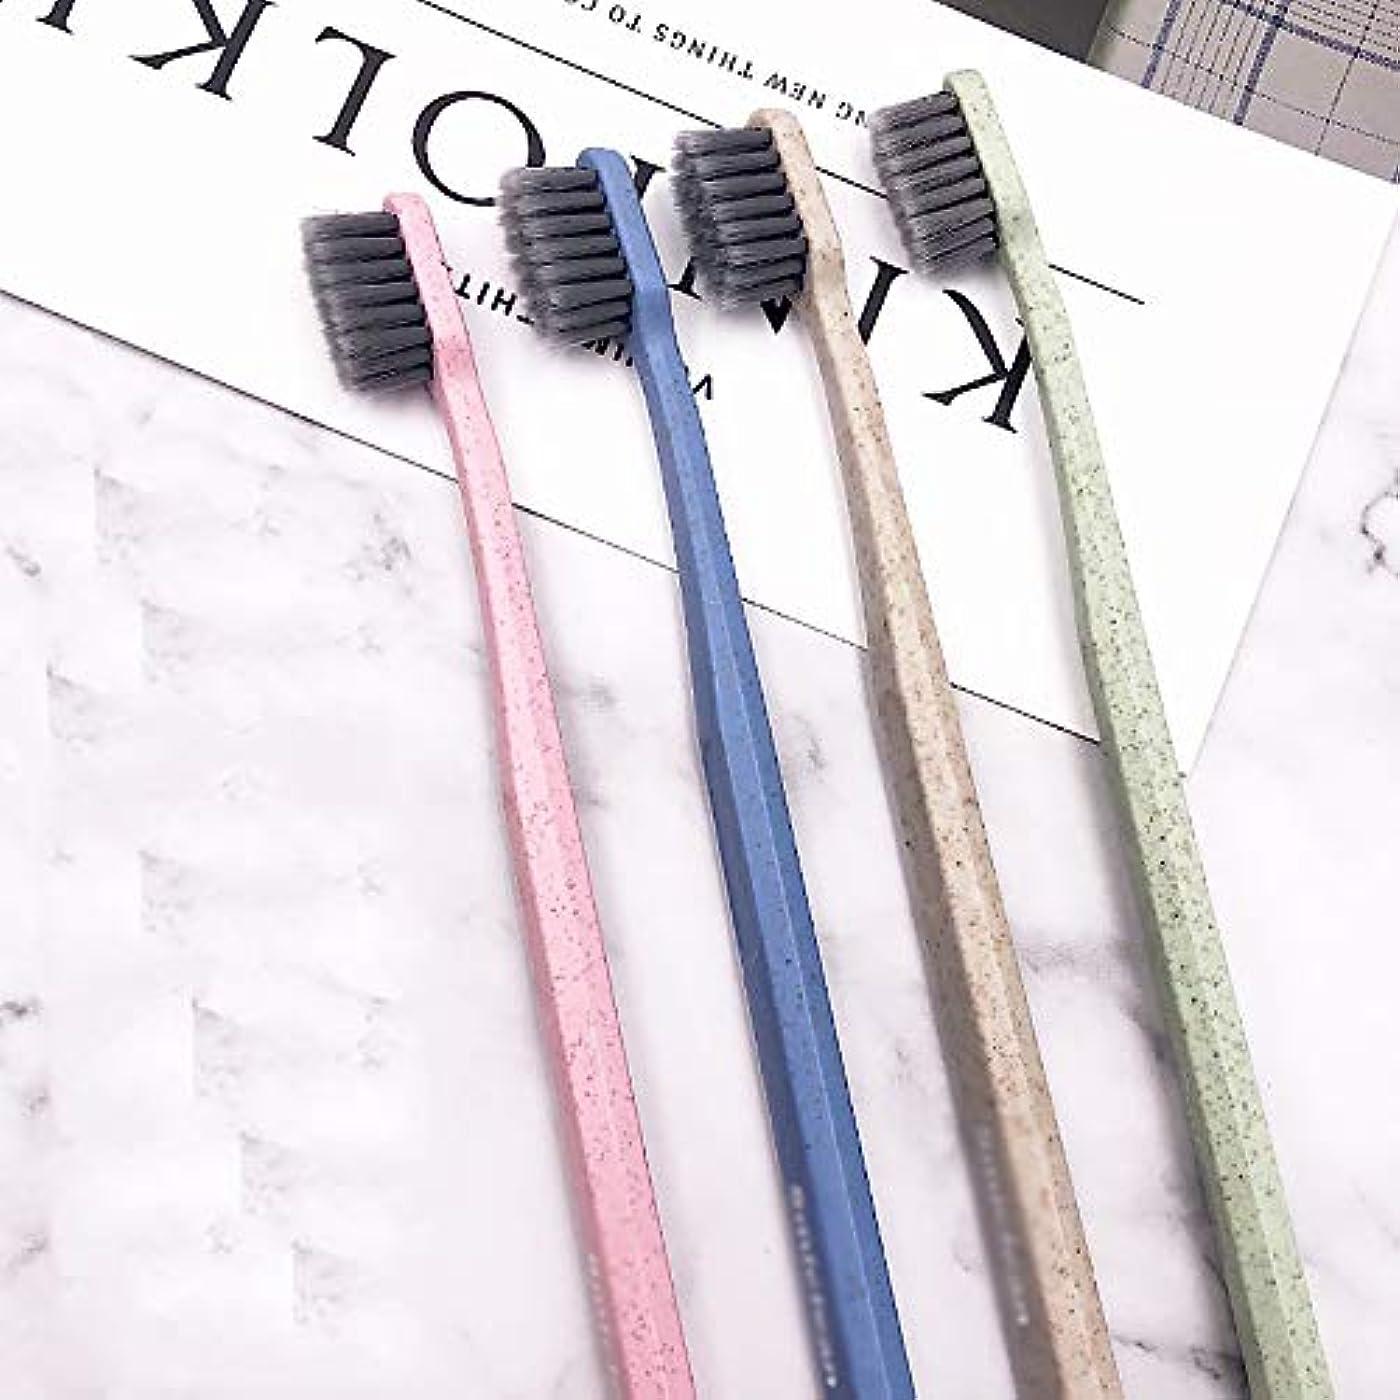 買う通行人複製する歯ブラシ 8竹炭歯ブラシ、大人のためのソフト歯ブラシ、美容アクセサリー - 使用可能なスタイルの3種類 HL (色 : B, サイズ : 8 packs)